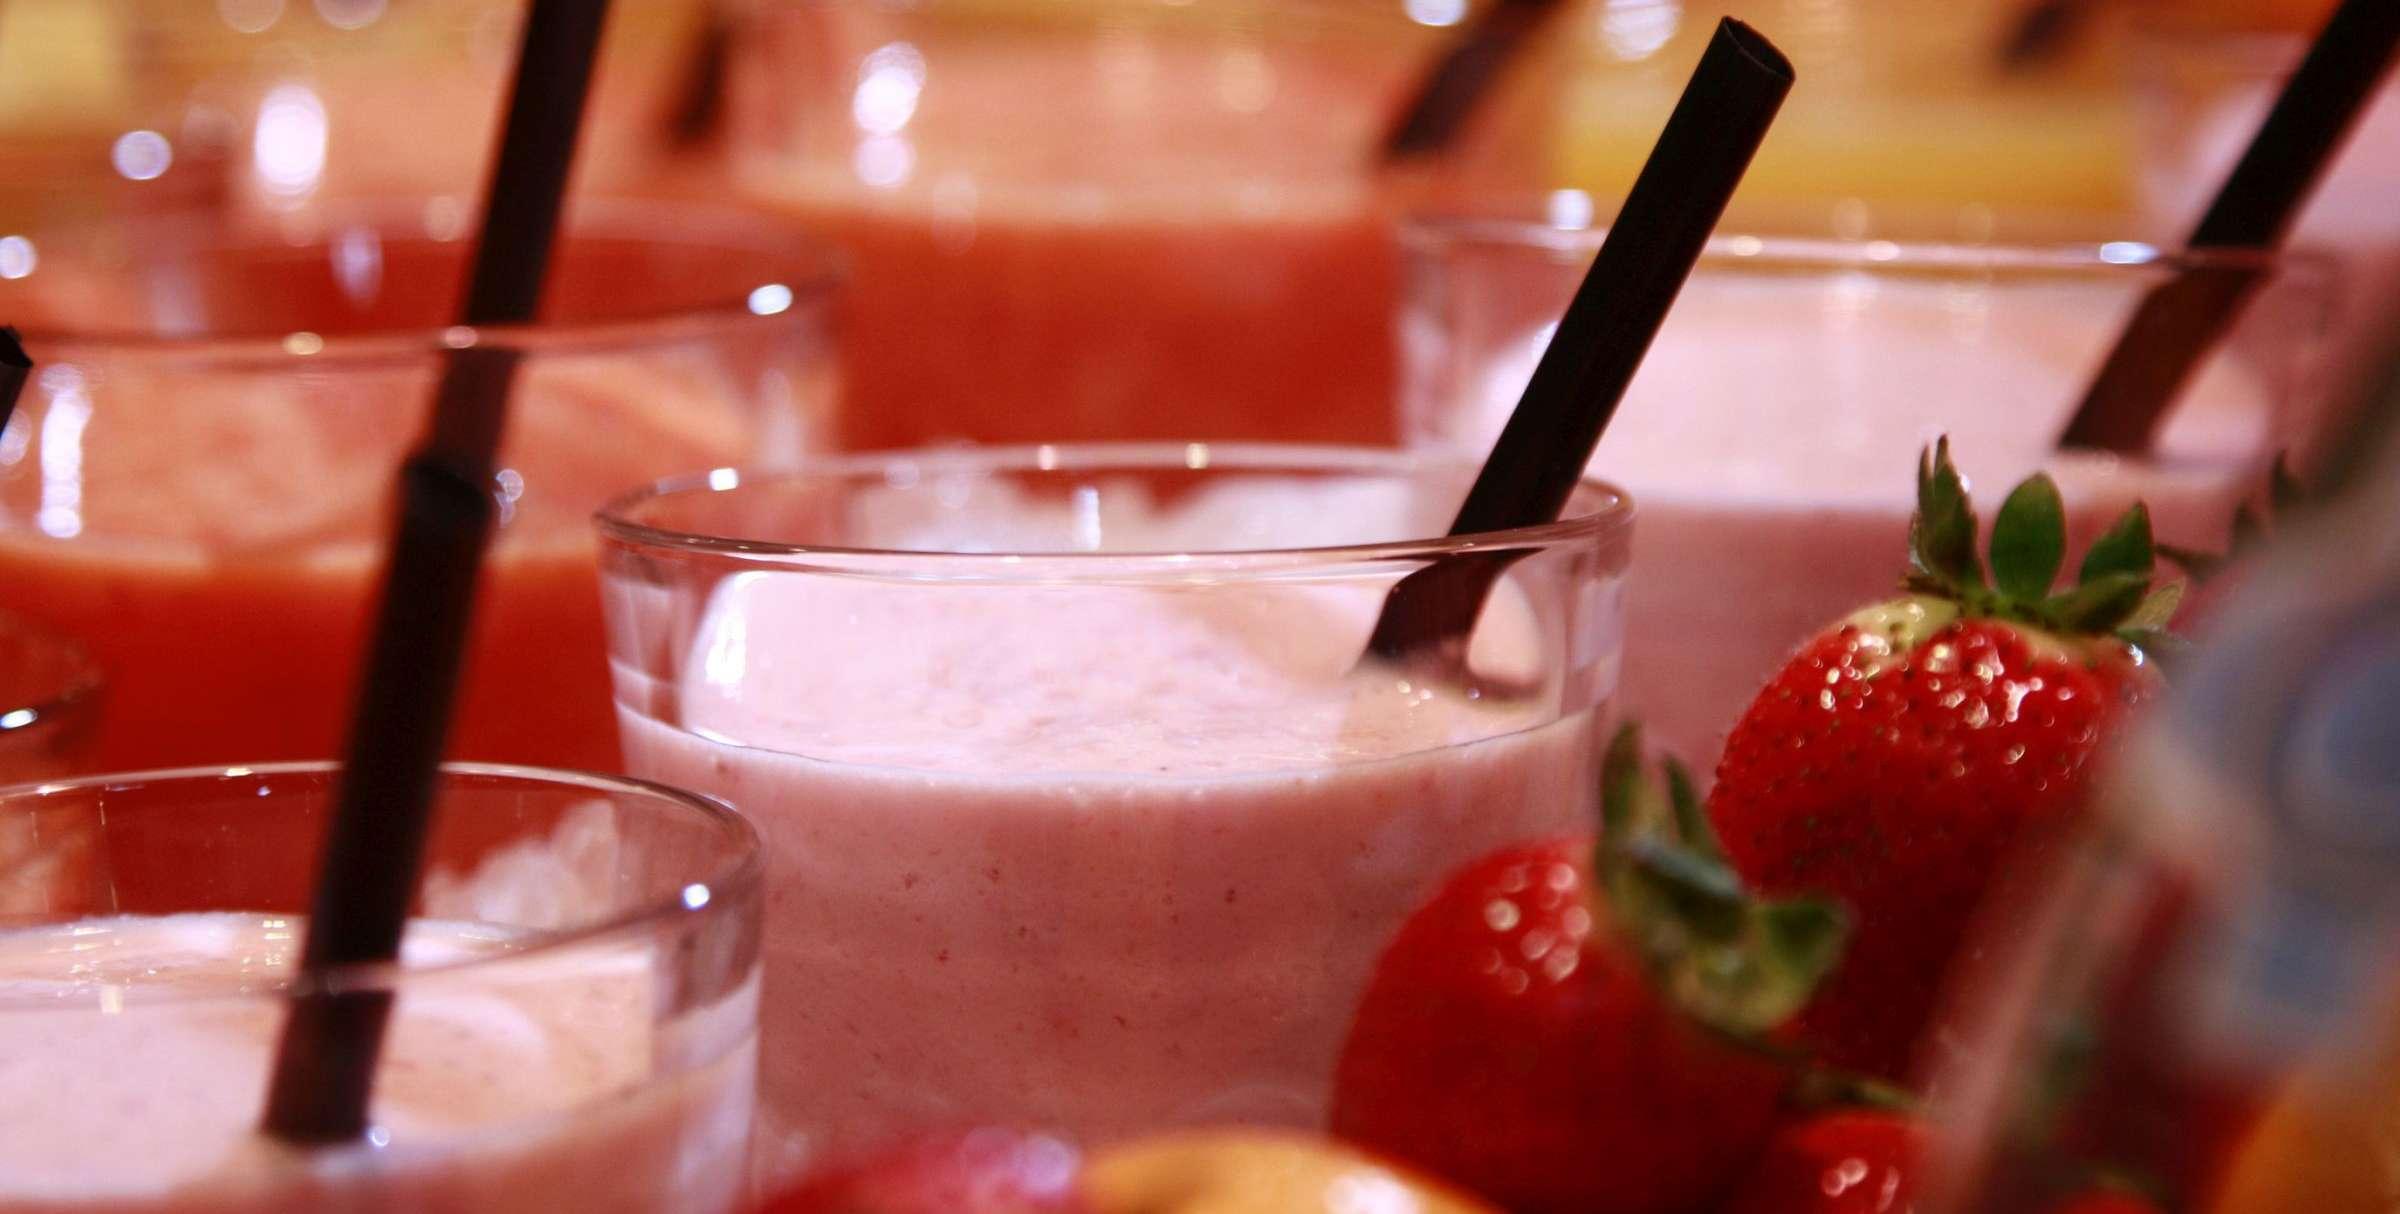 Juice, strawberry